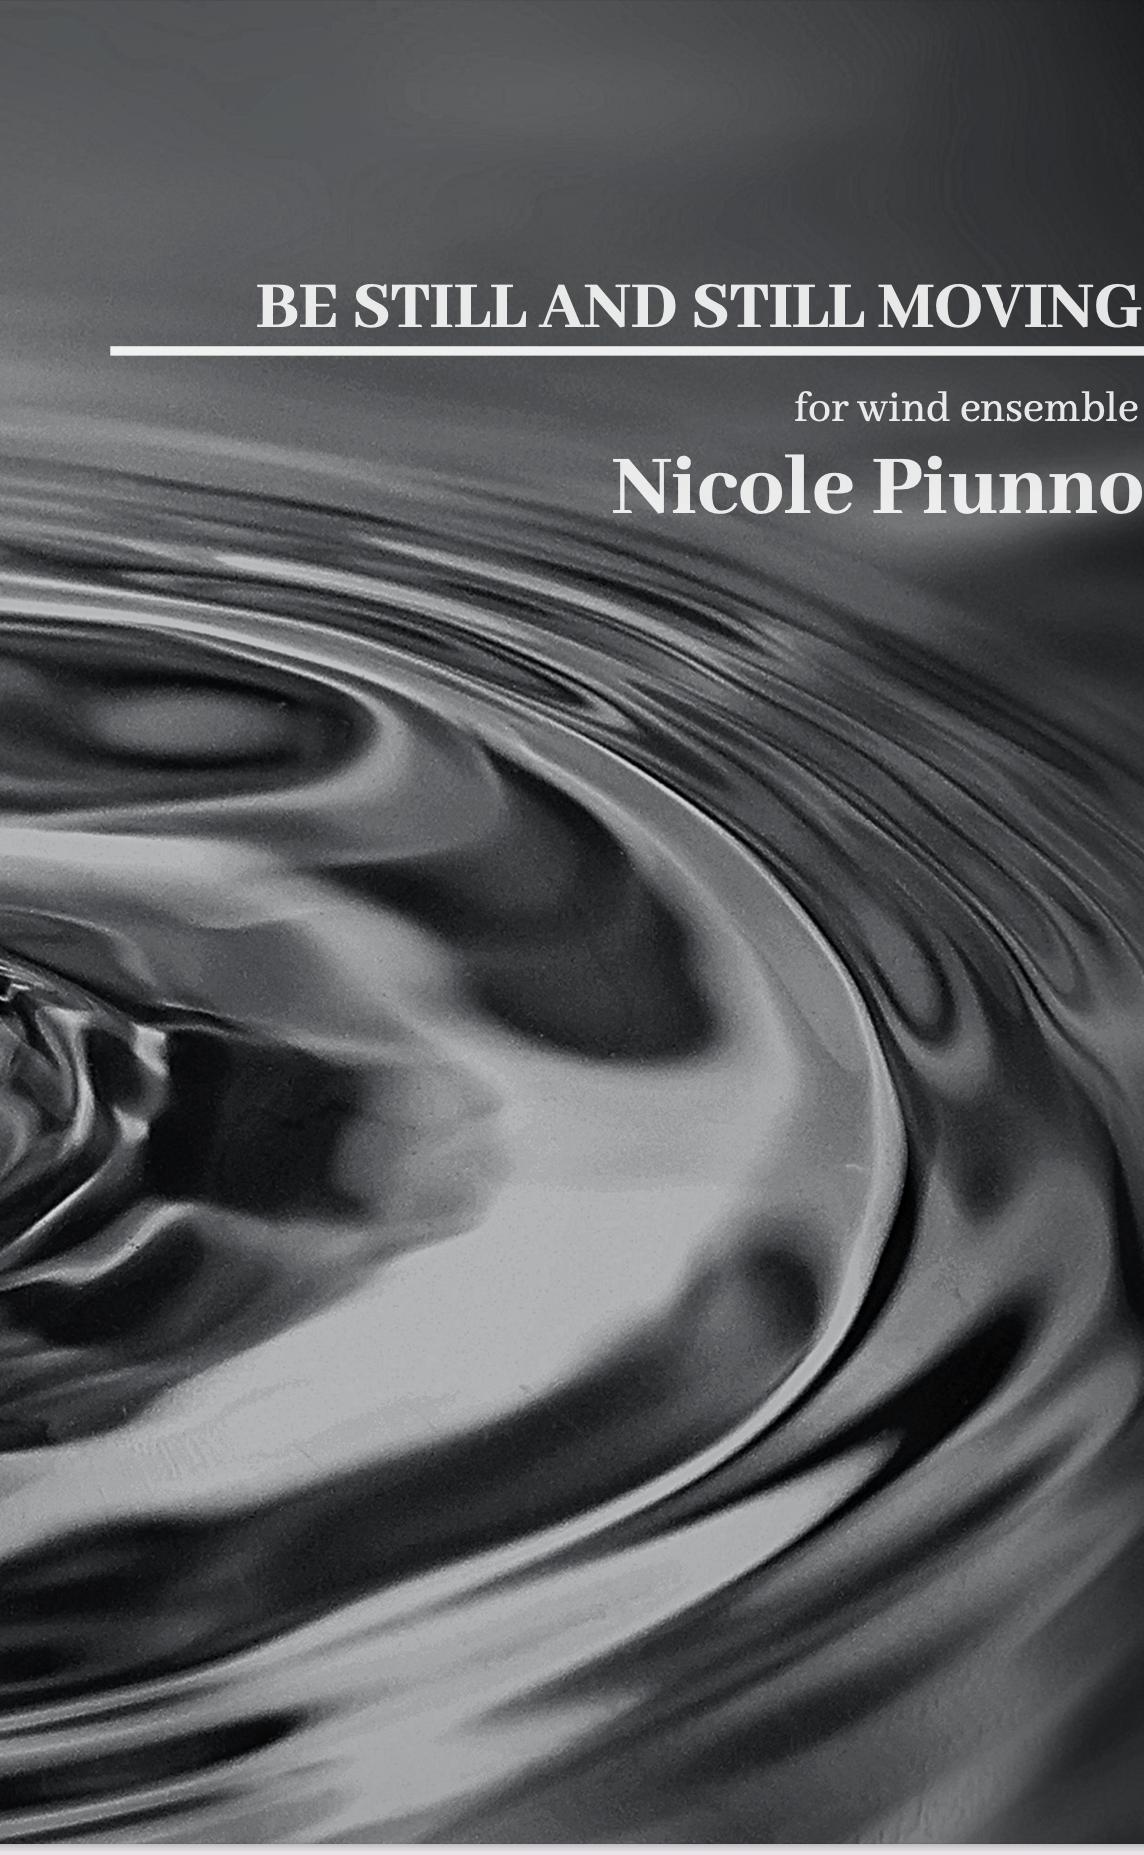 Be Still And Still Moving by Nicole Piunno